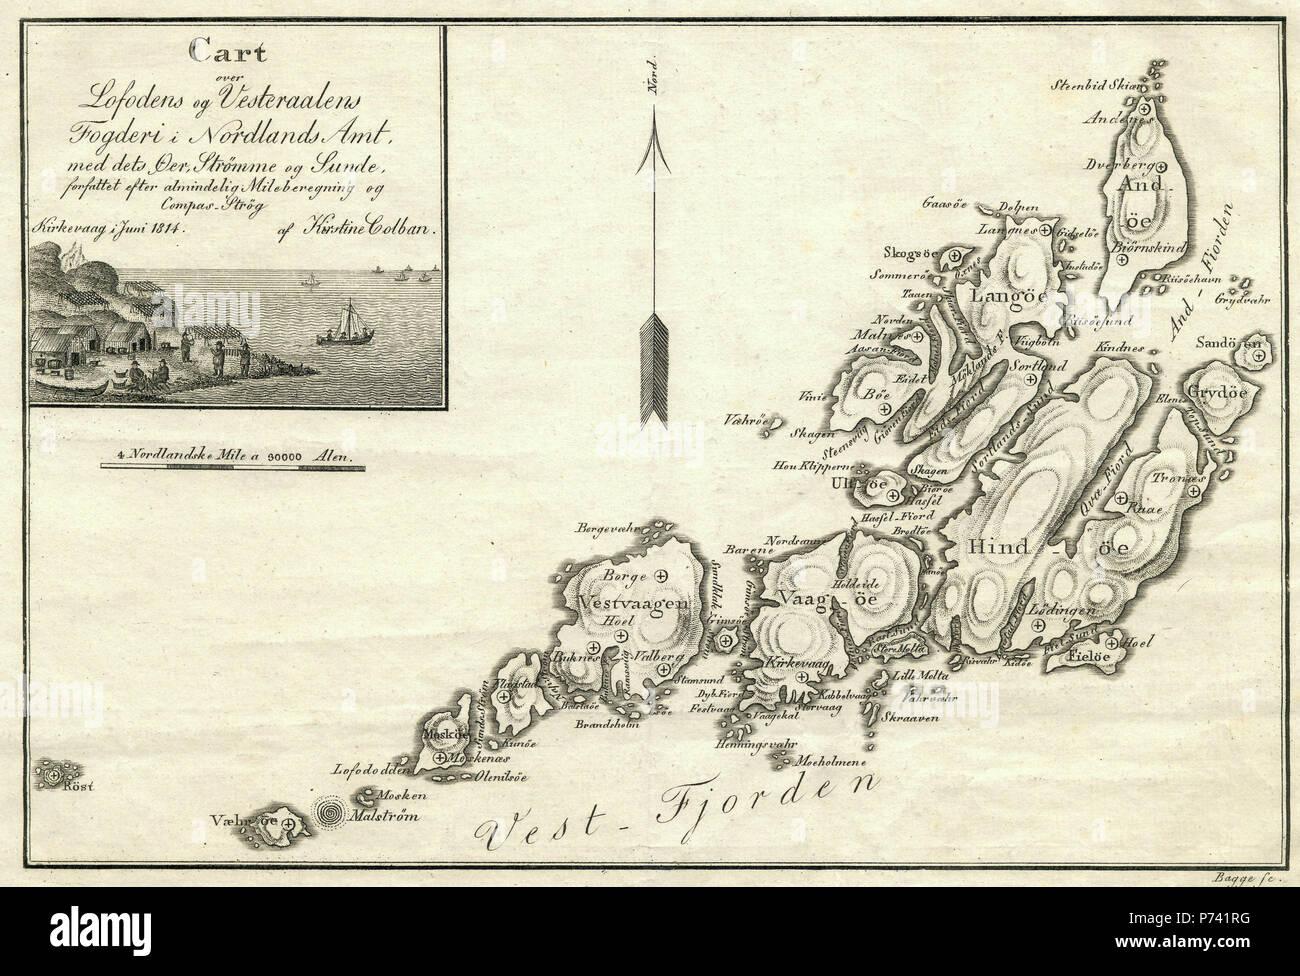 kart over lofoten og vesterålen Kart over Lofoten og Vesterålen   Map of Lofoten and Vesterålen  kart over lofoten og vesterålen